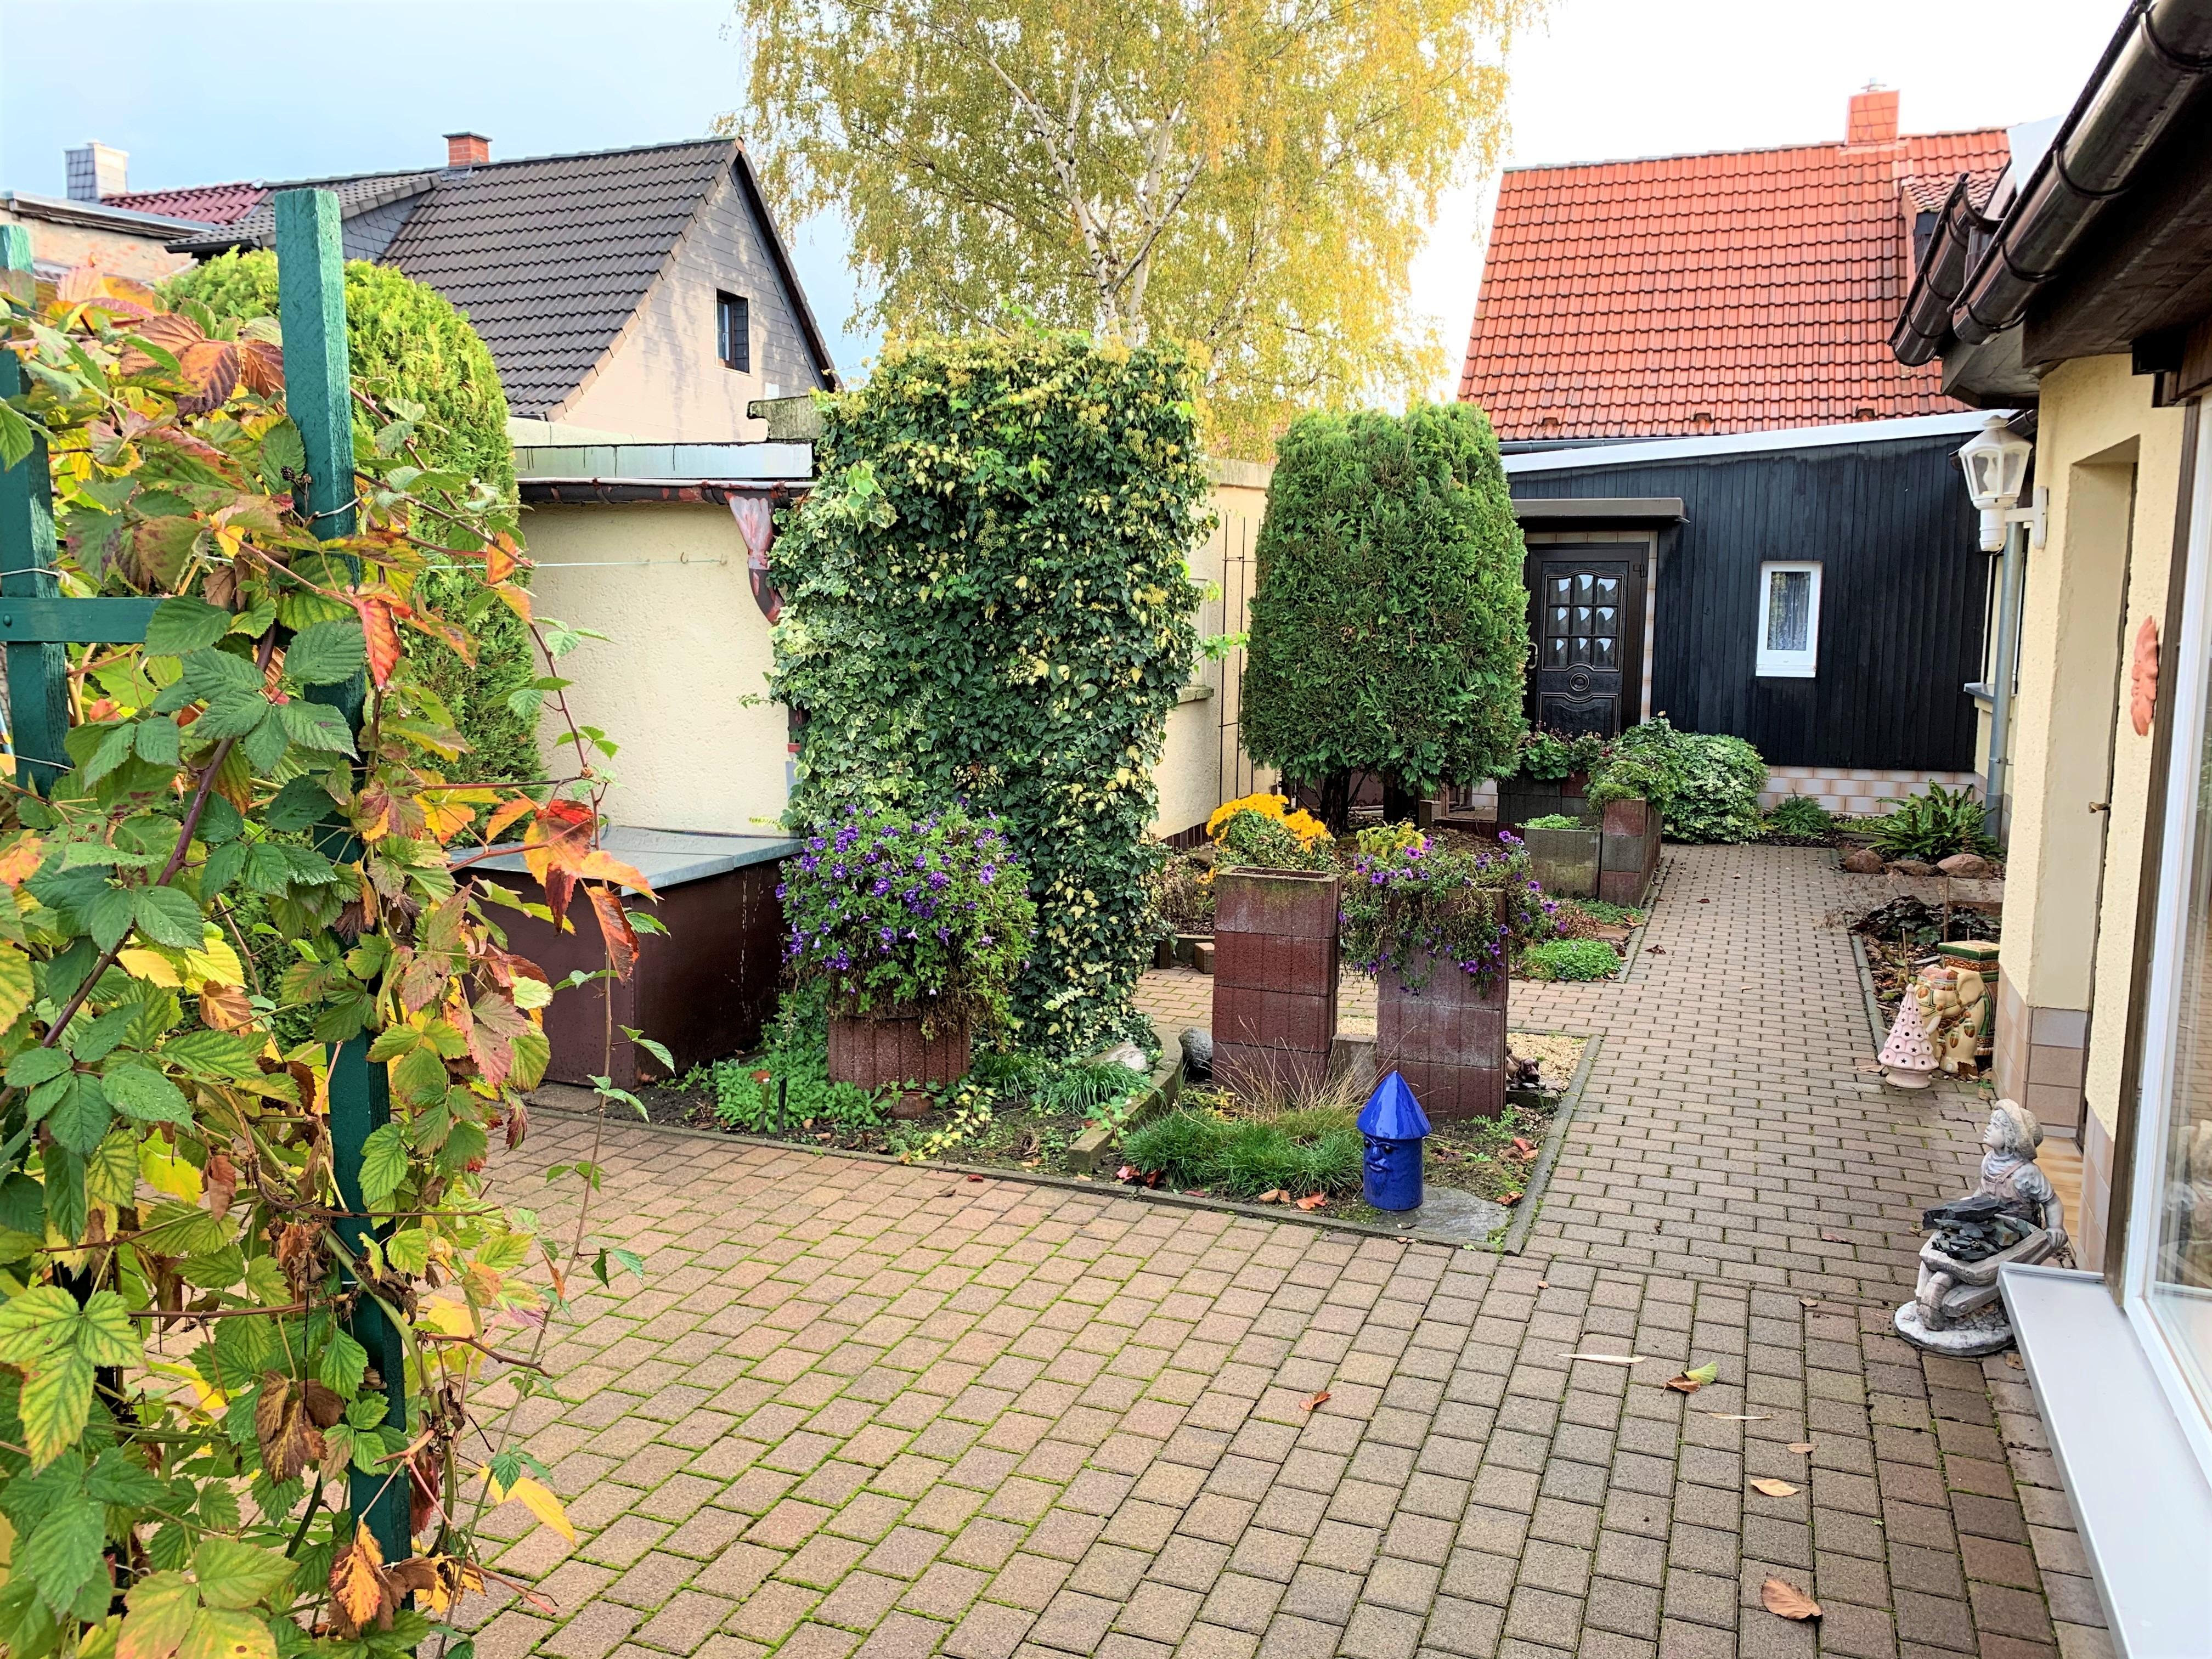 Einfamilienhaus Rosengarten - Hofansicht